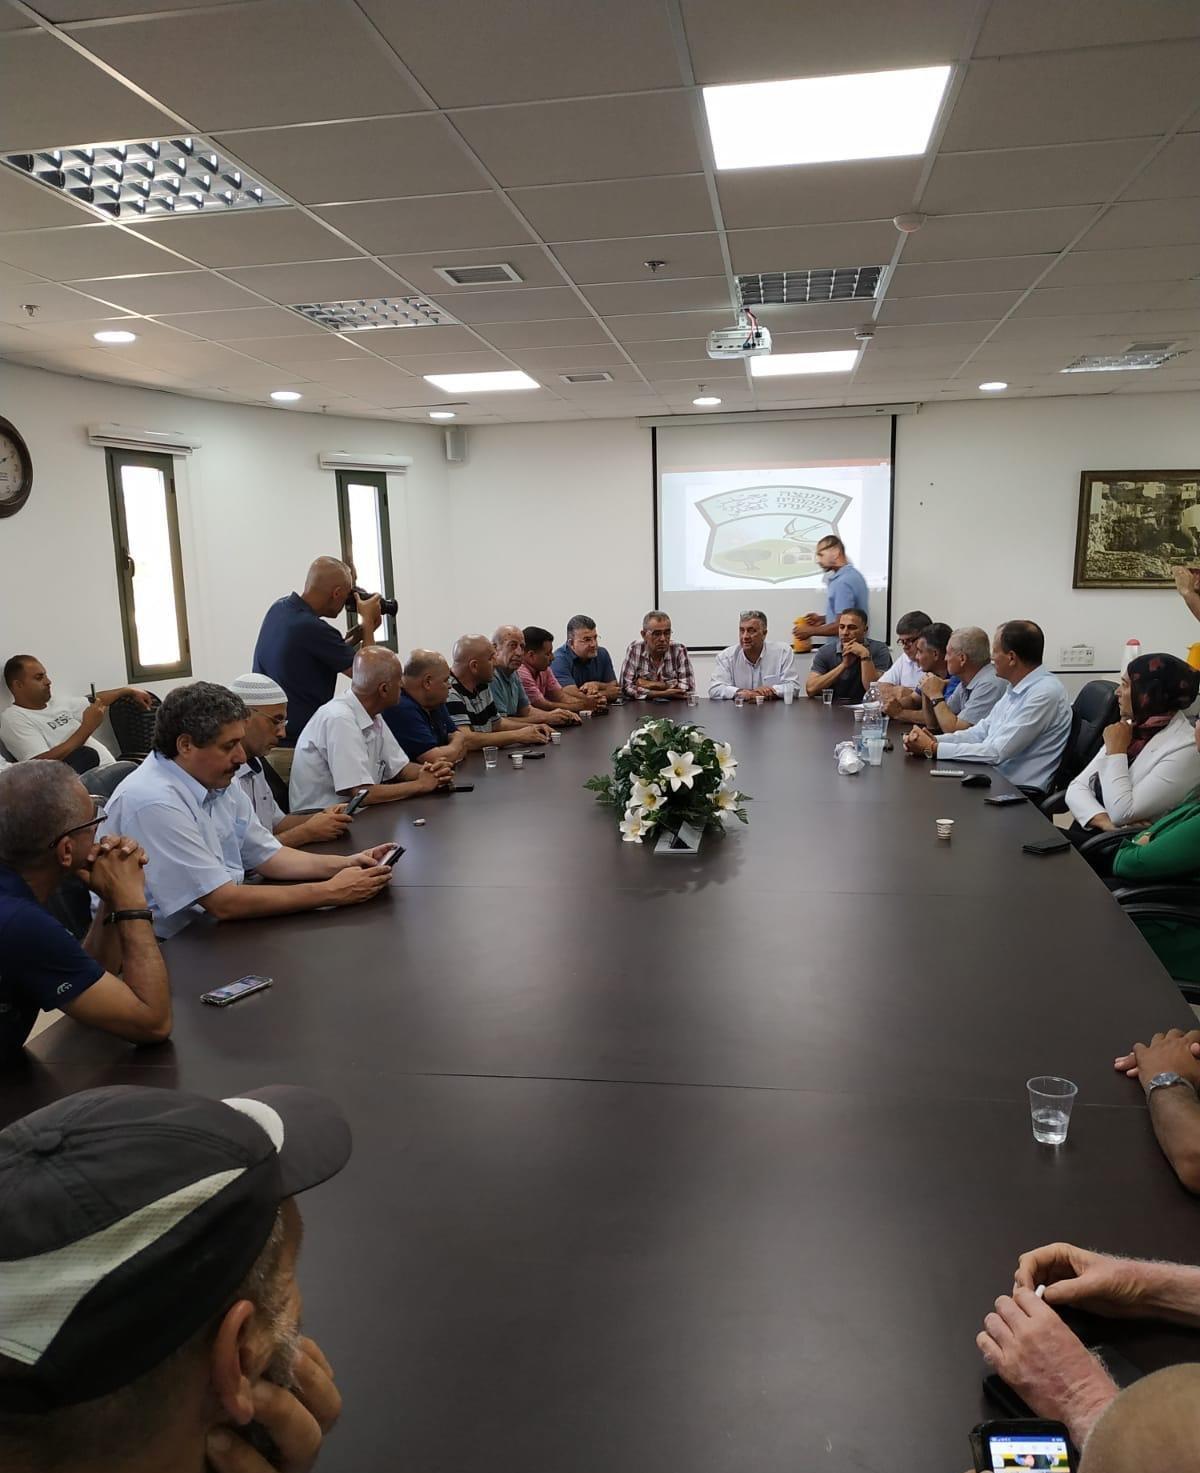 عرعرة: نقاش حول الخطوات الاحتجاجية في الاجتماع الطارئ المندّد بجريمة الهدم